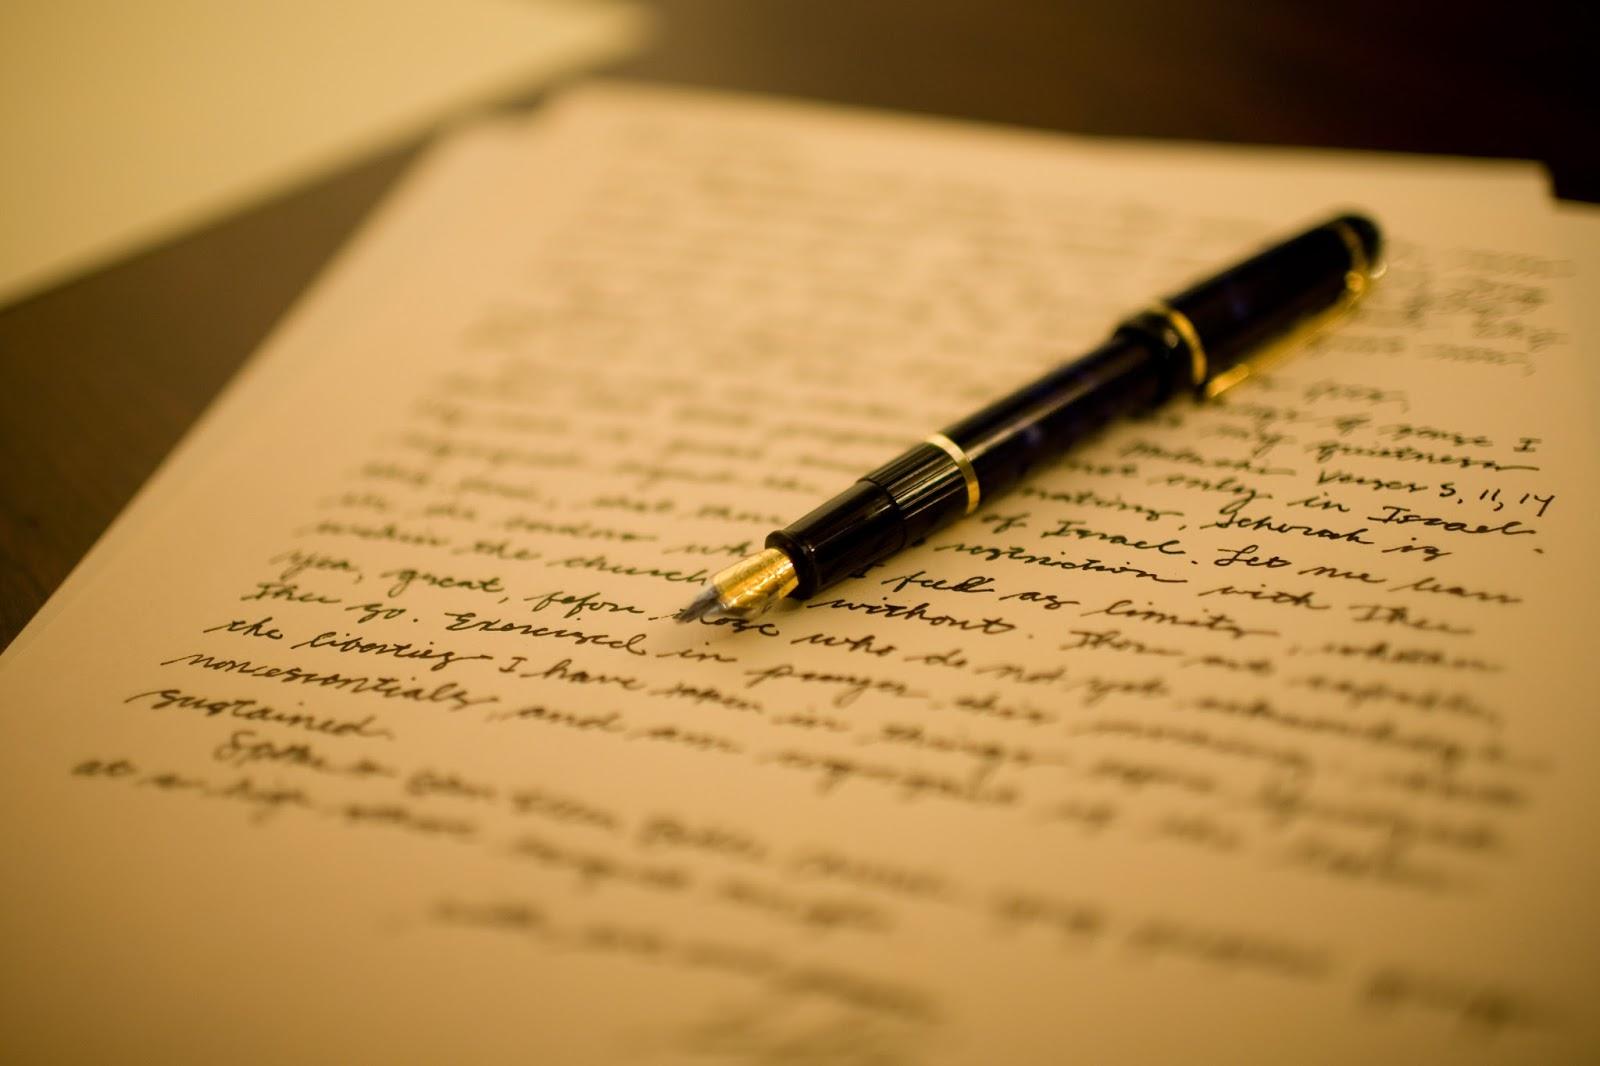 Contoh Surat Pernyataan Bertaqwa Kepada Tuhan Yang Maha Esa